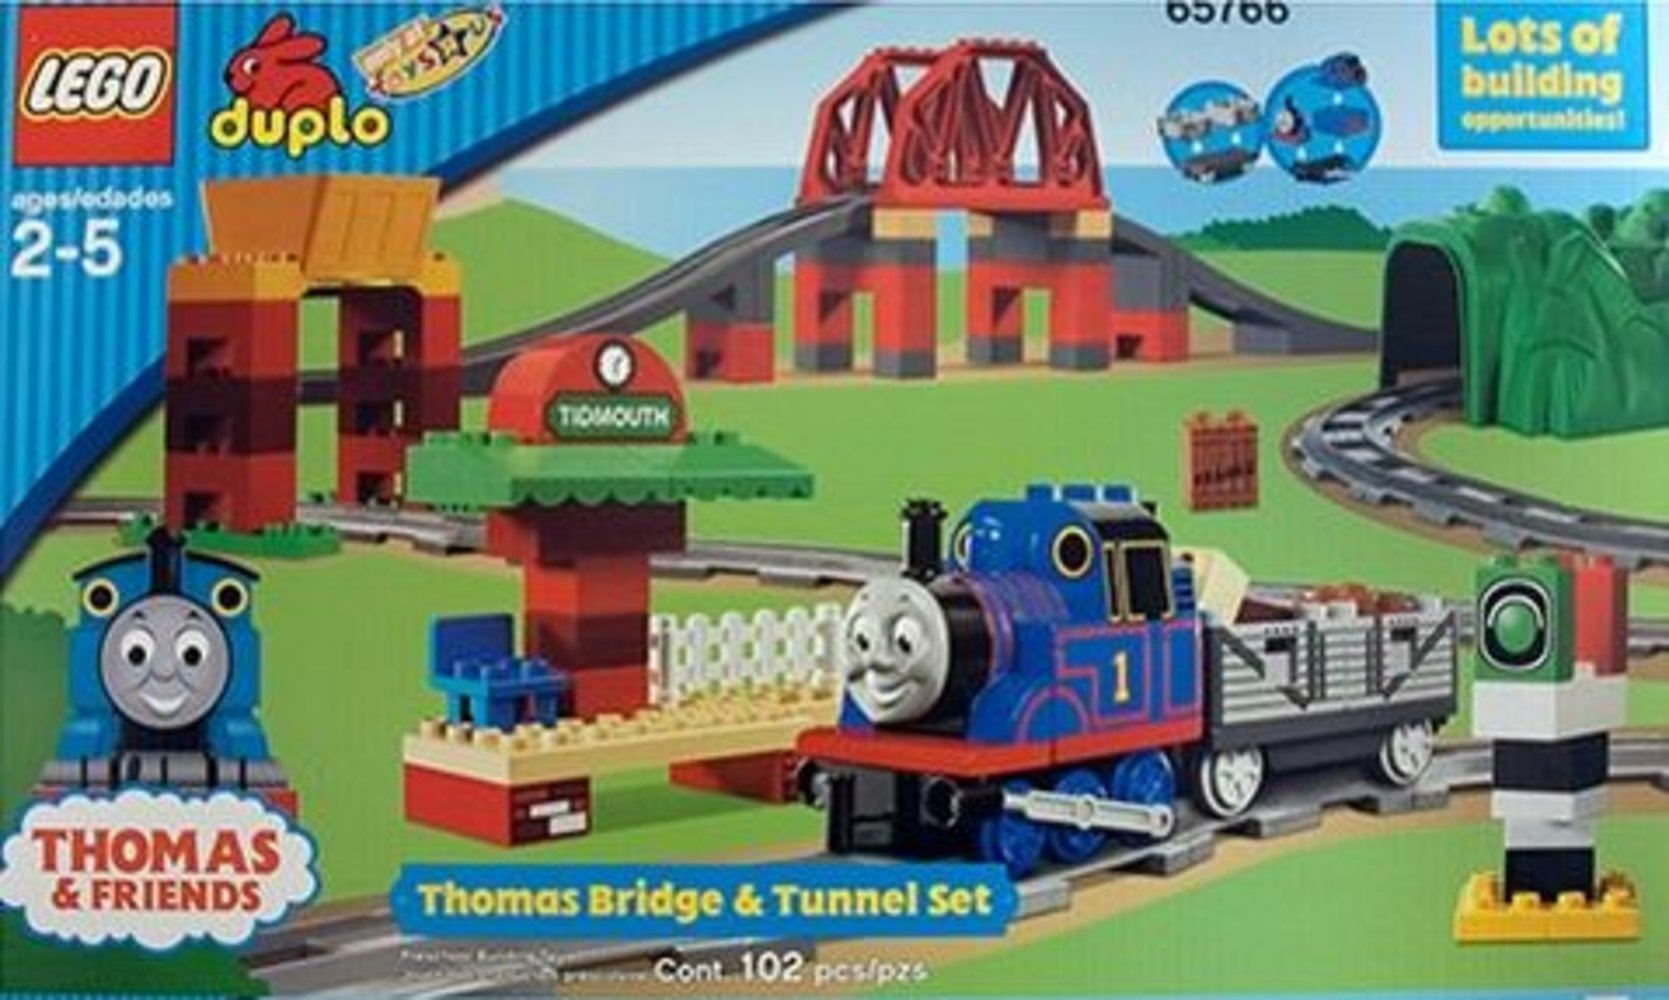 Thomas Bridge & Tunnel Set